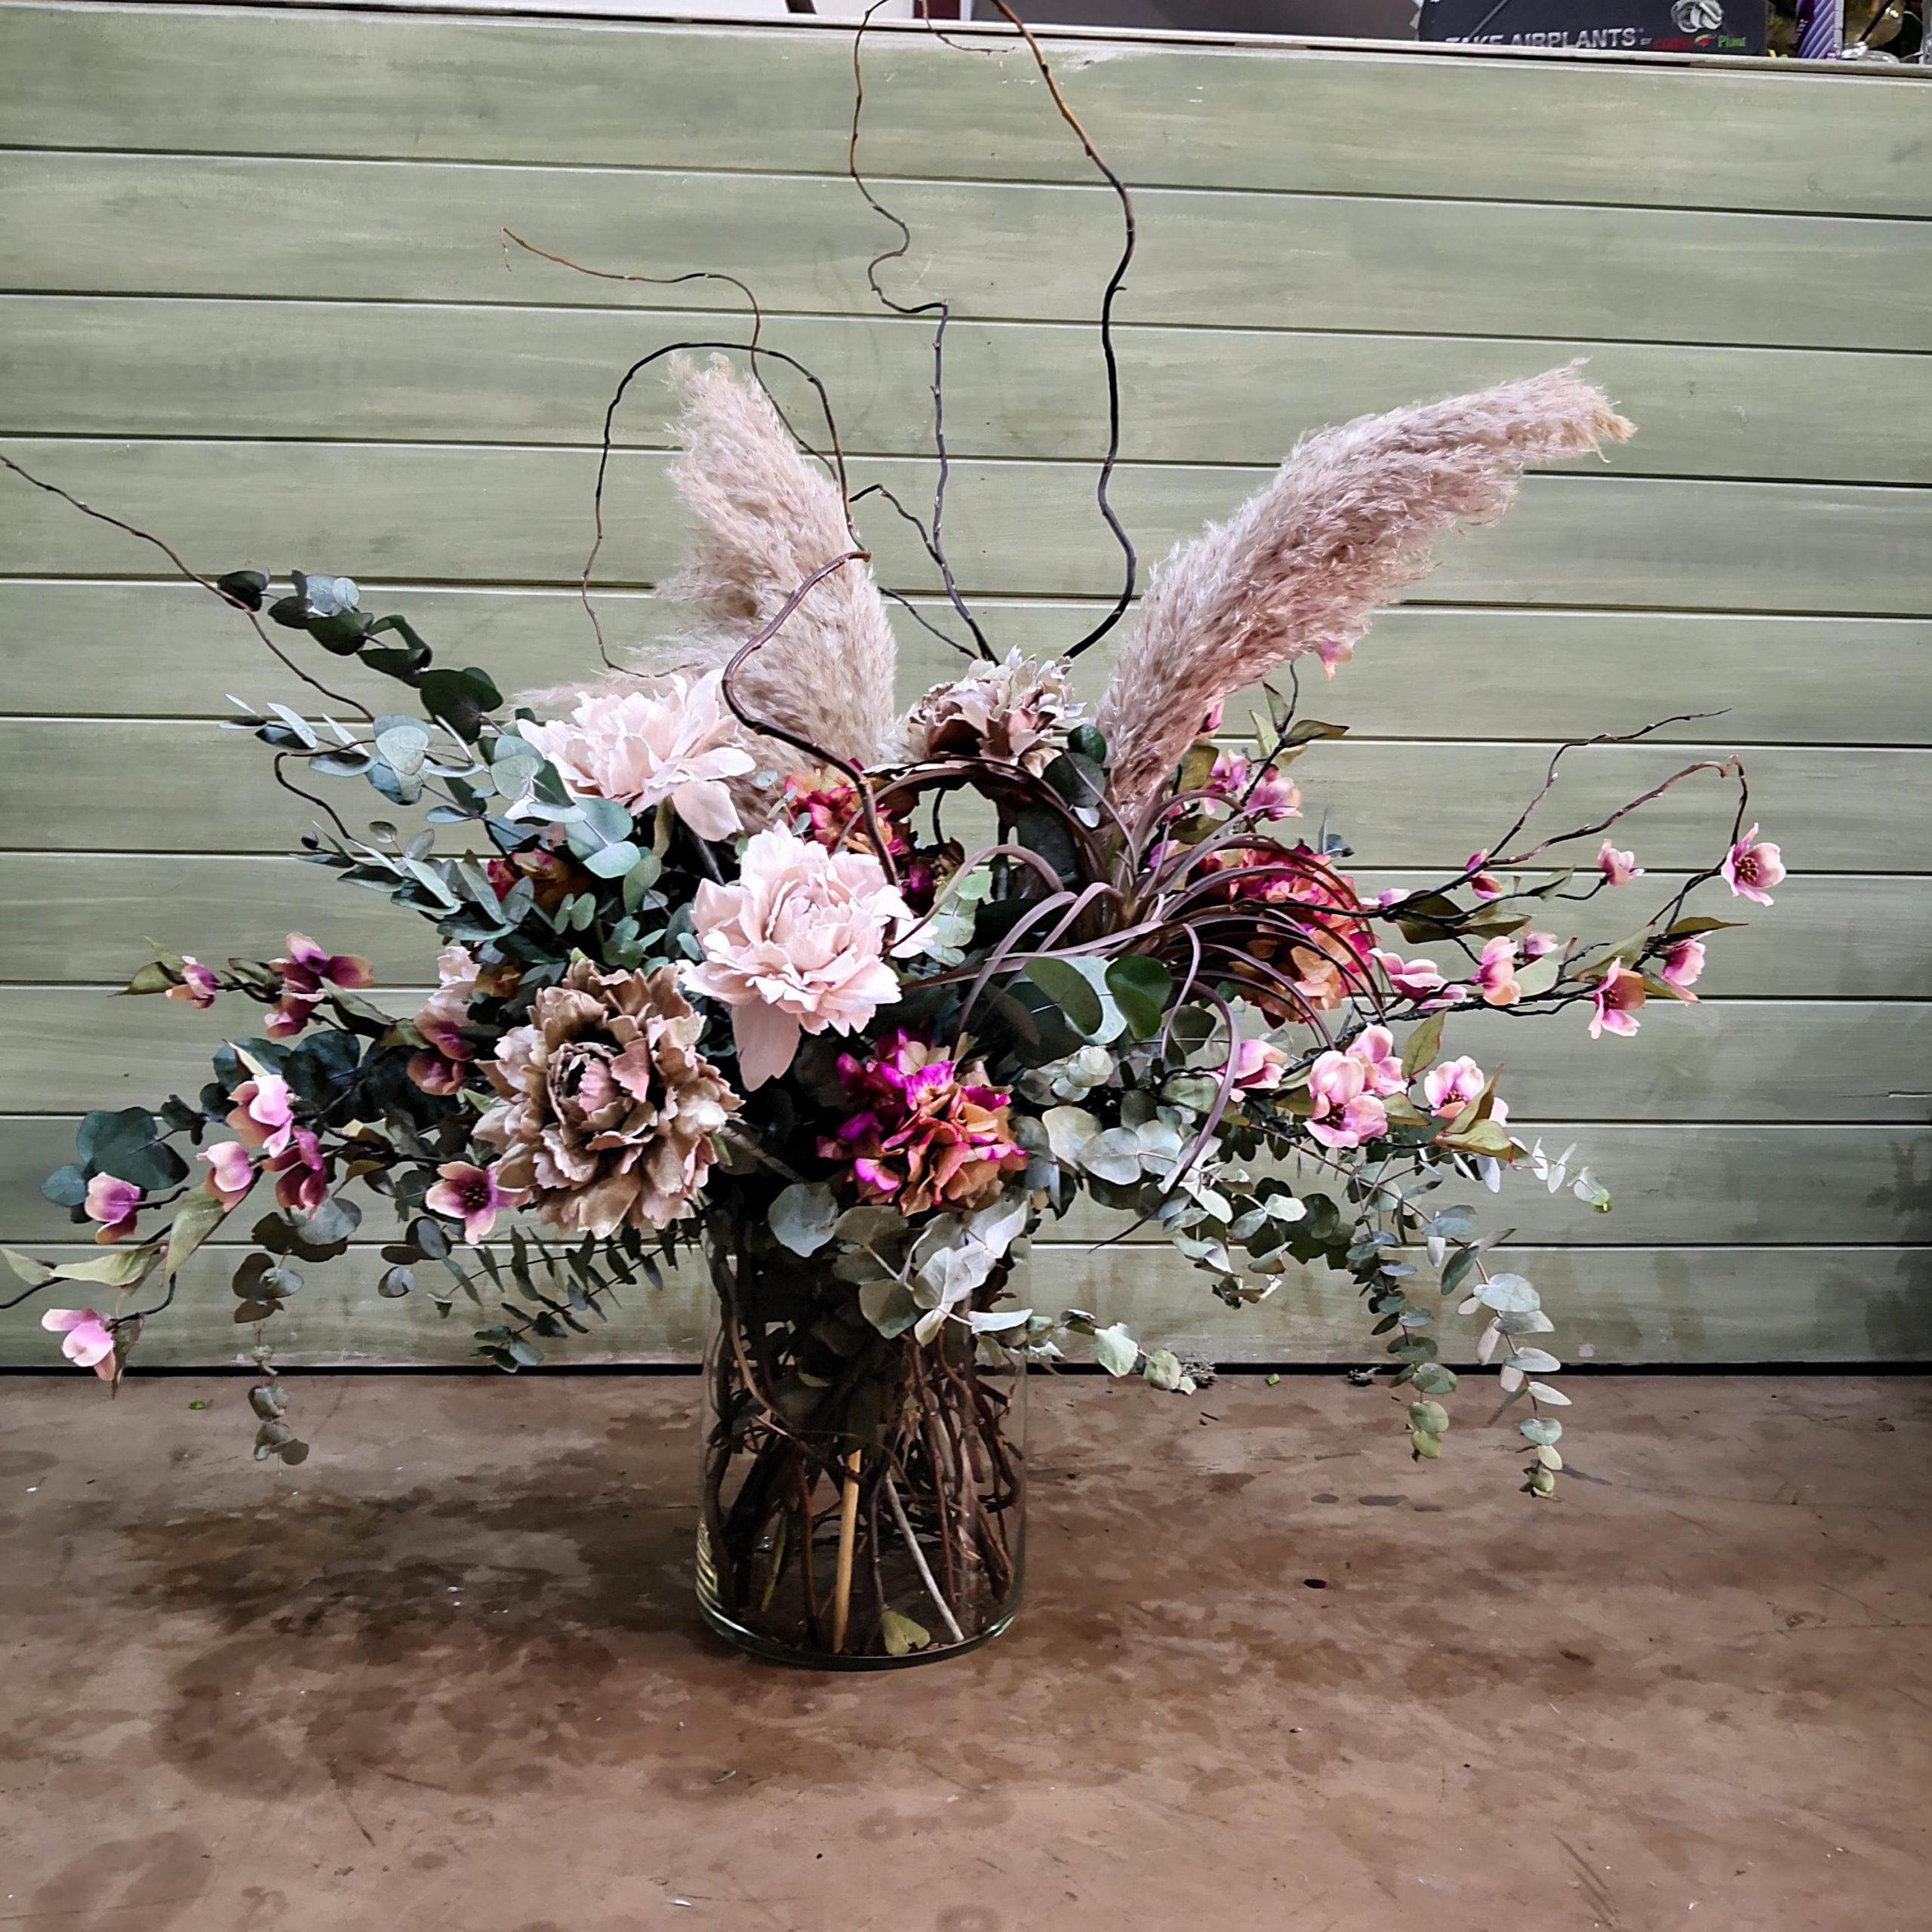 Centro de flores con rosas